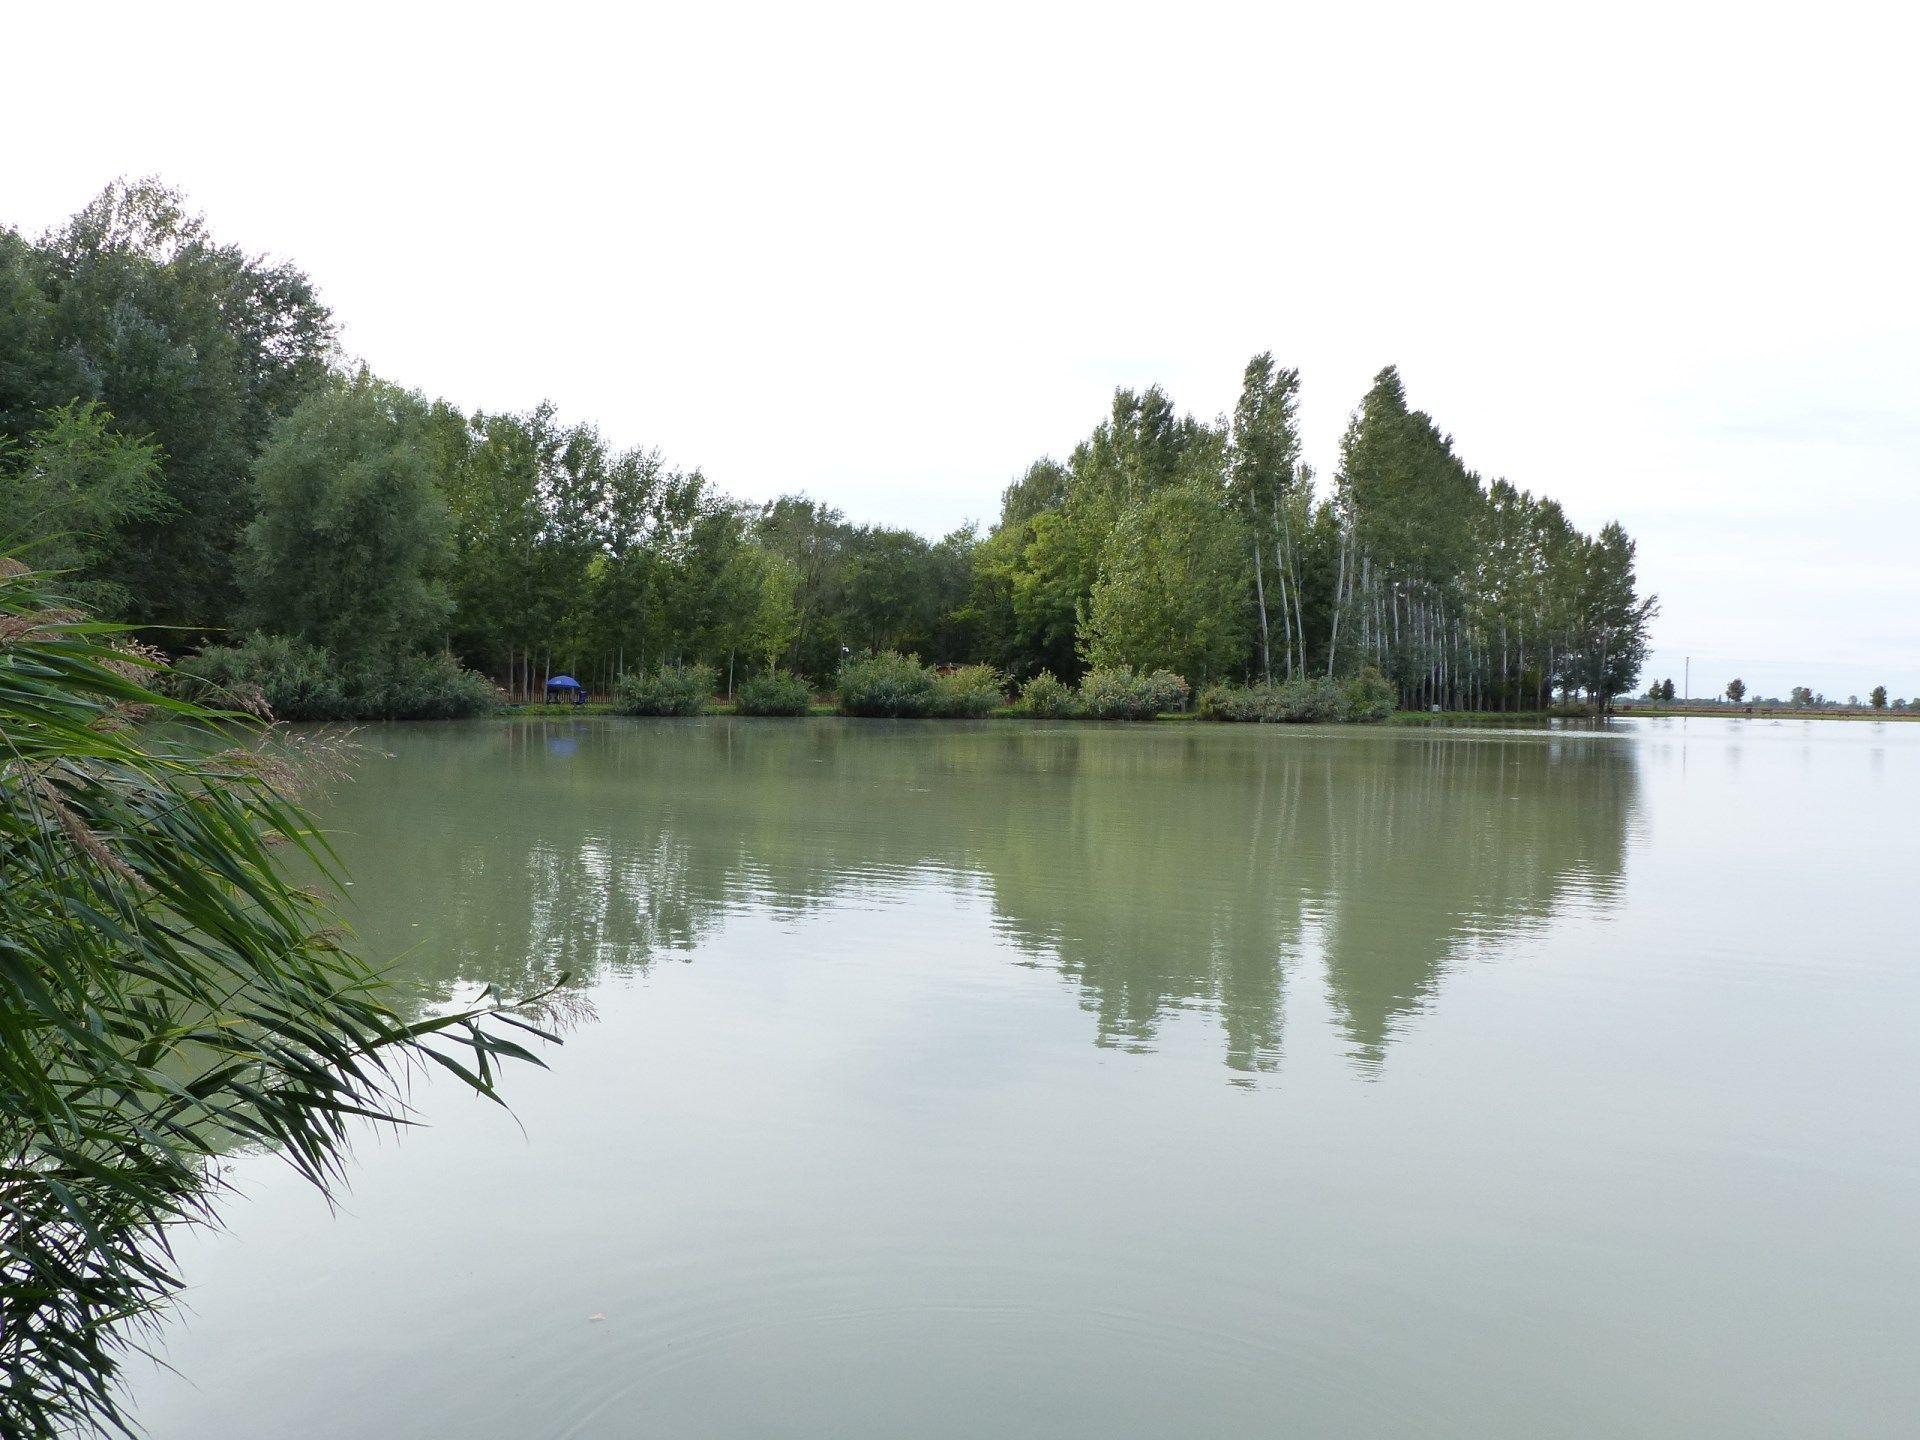 Horgászatom helyszíne az Izsáki Horgász- és Pihenőpark Nagy-tava volt